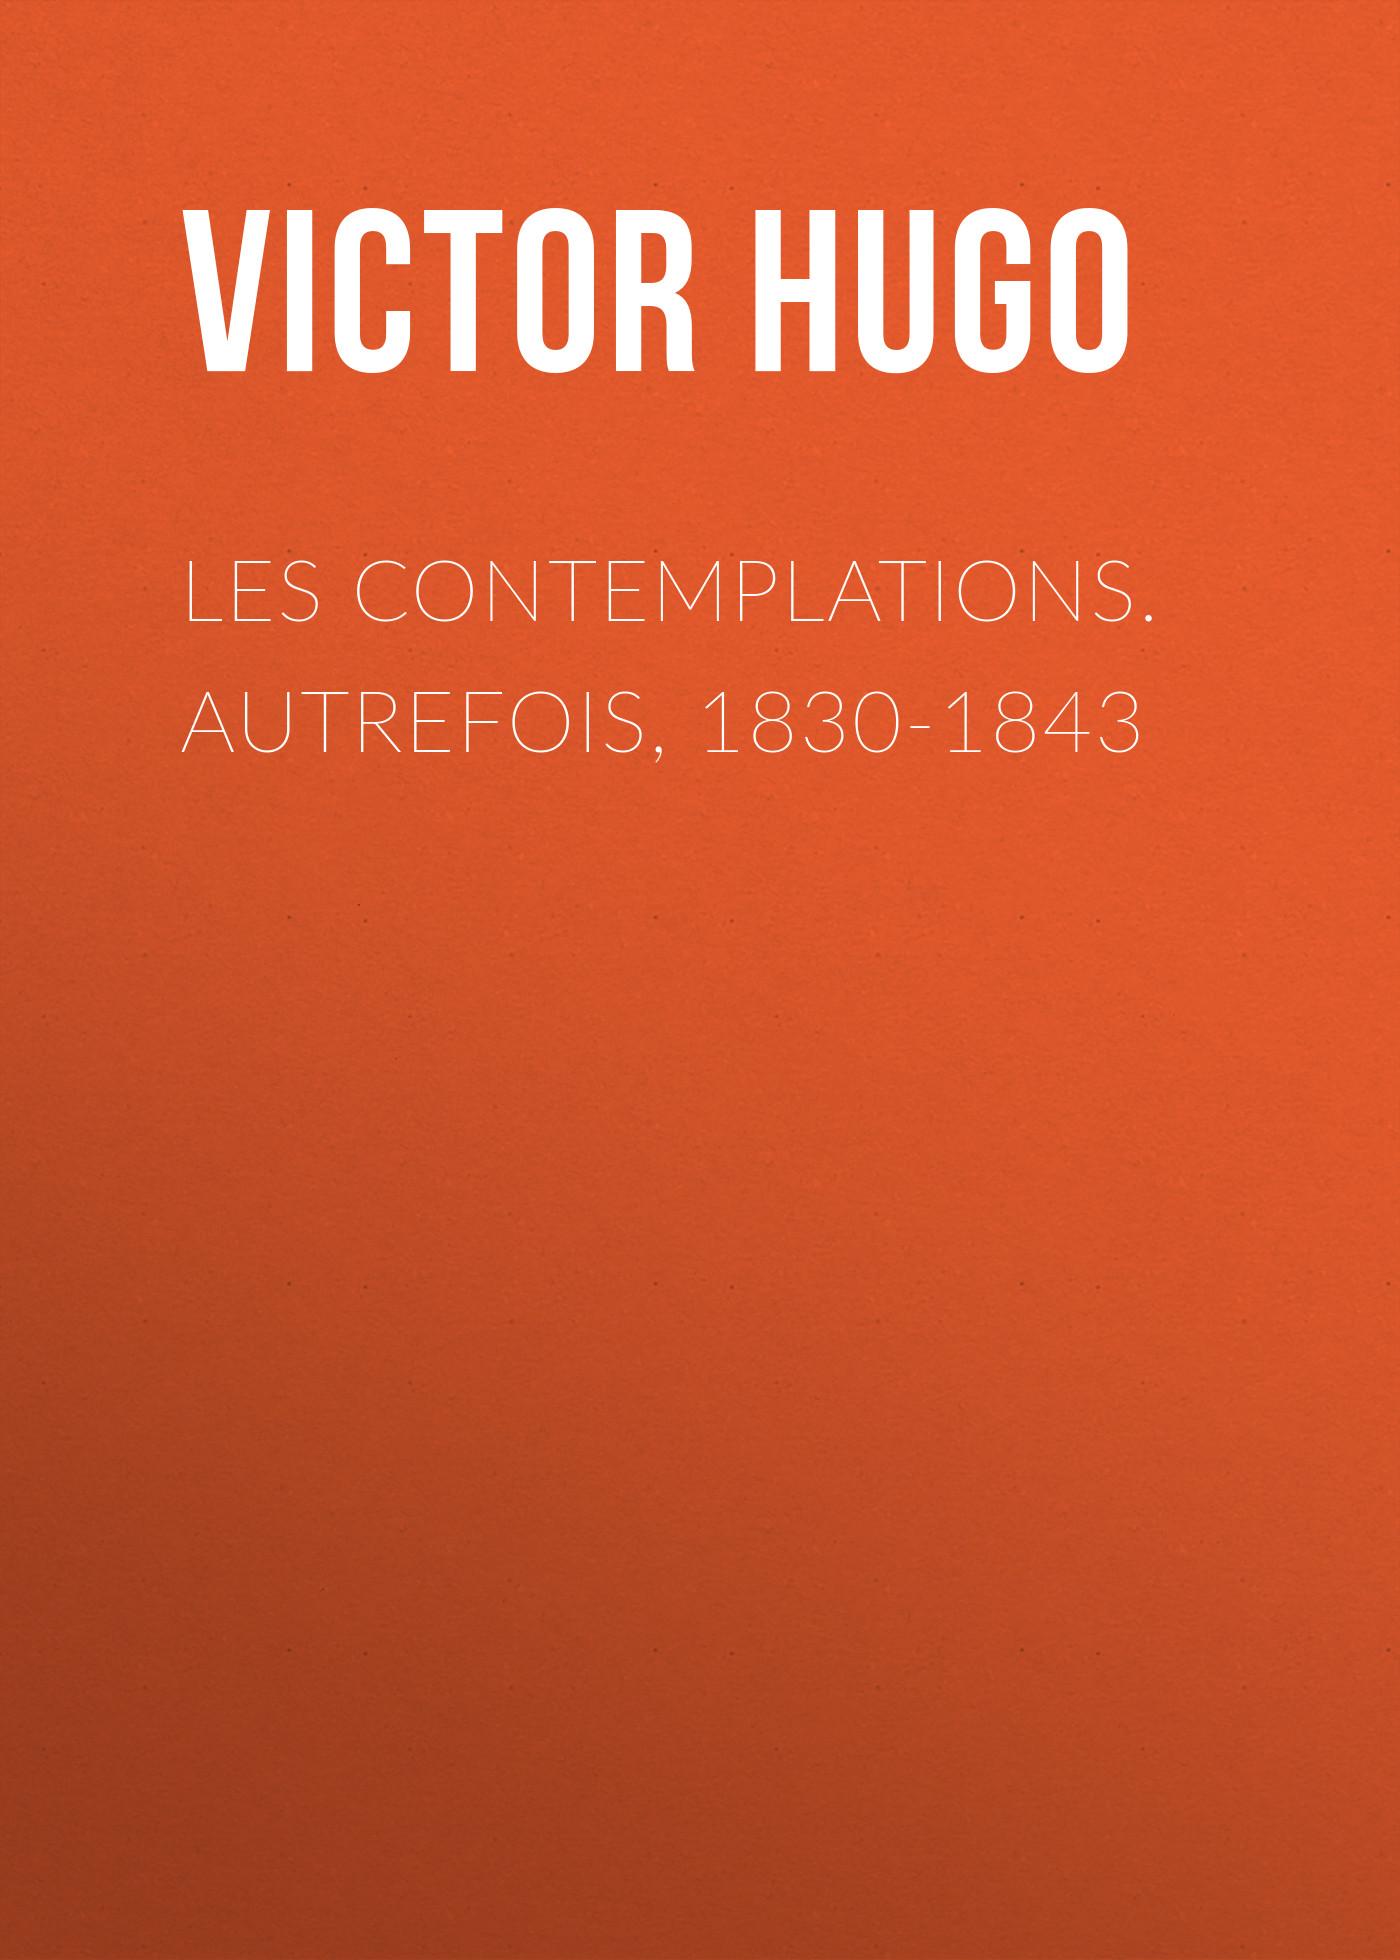 Виктор Мари Гюго Les contemplations. Autrefois, 1830-1843 цена